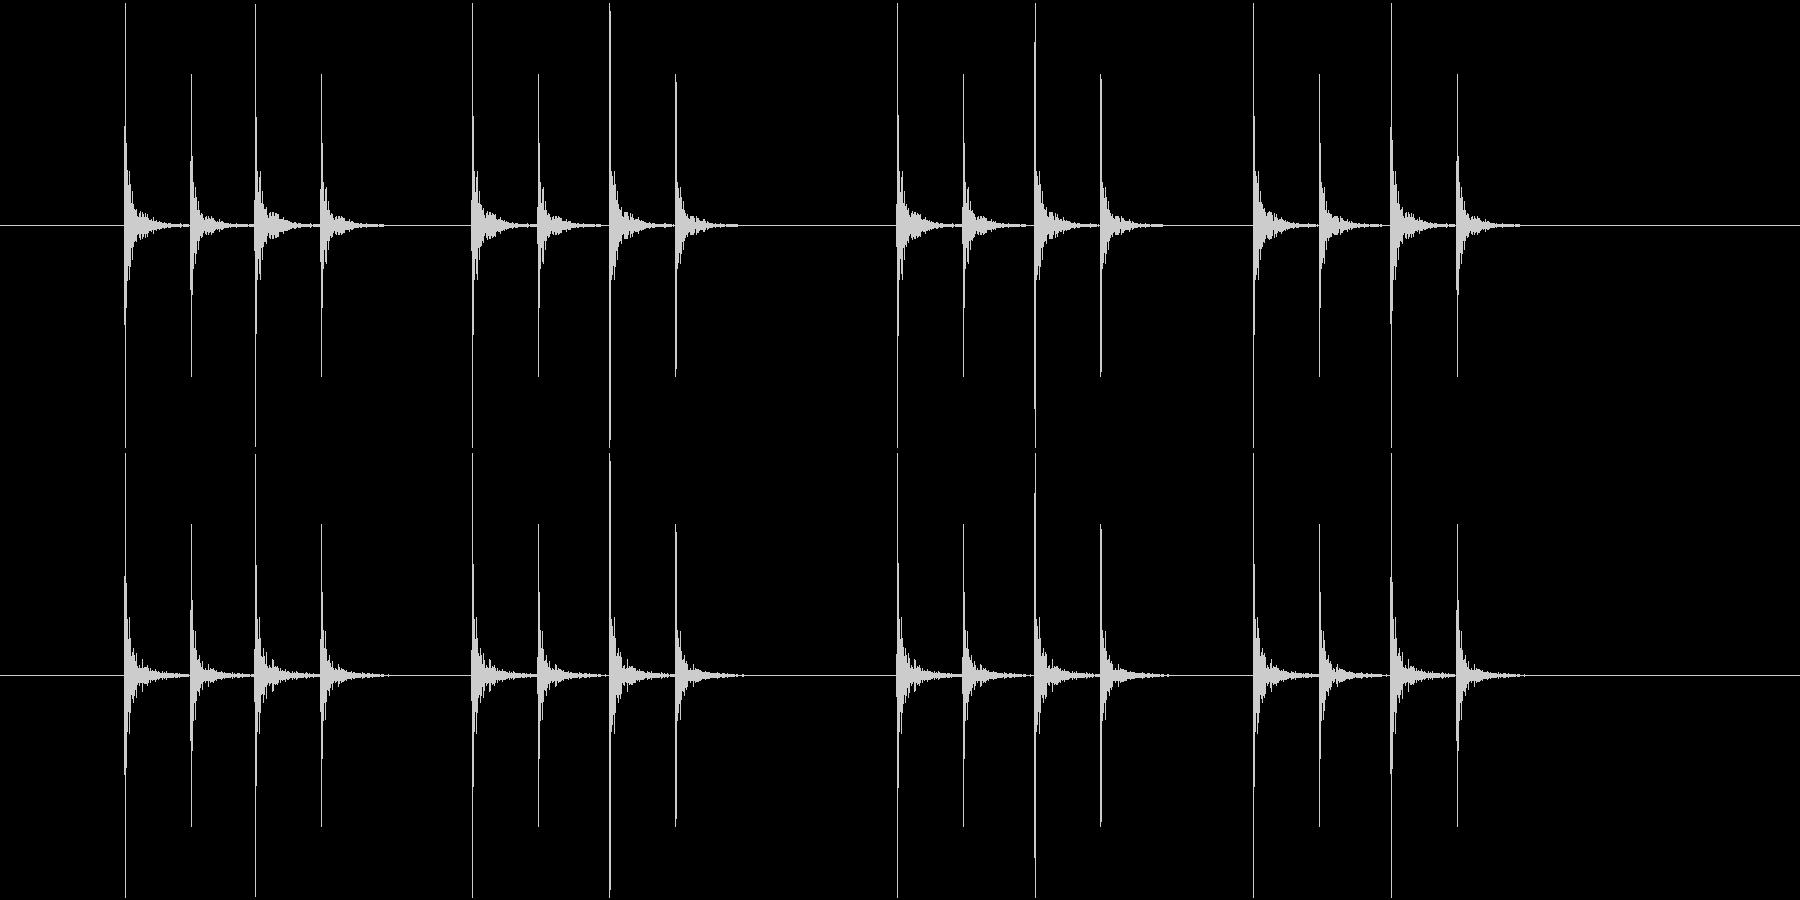 コンコンコンコン、連続したノック音-04の未再生の波形